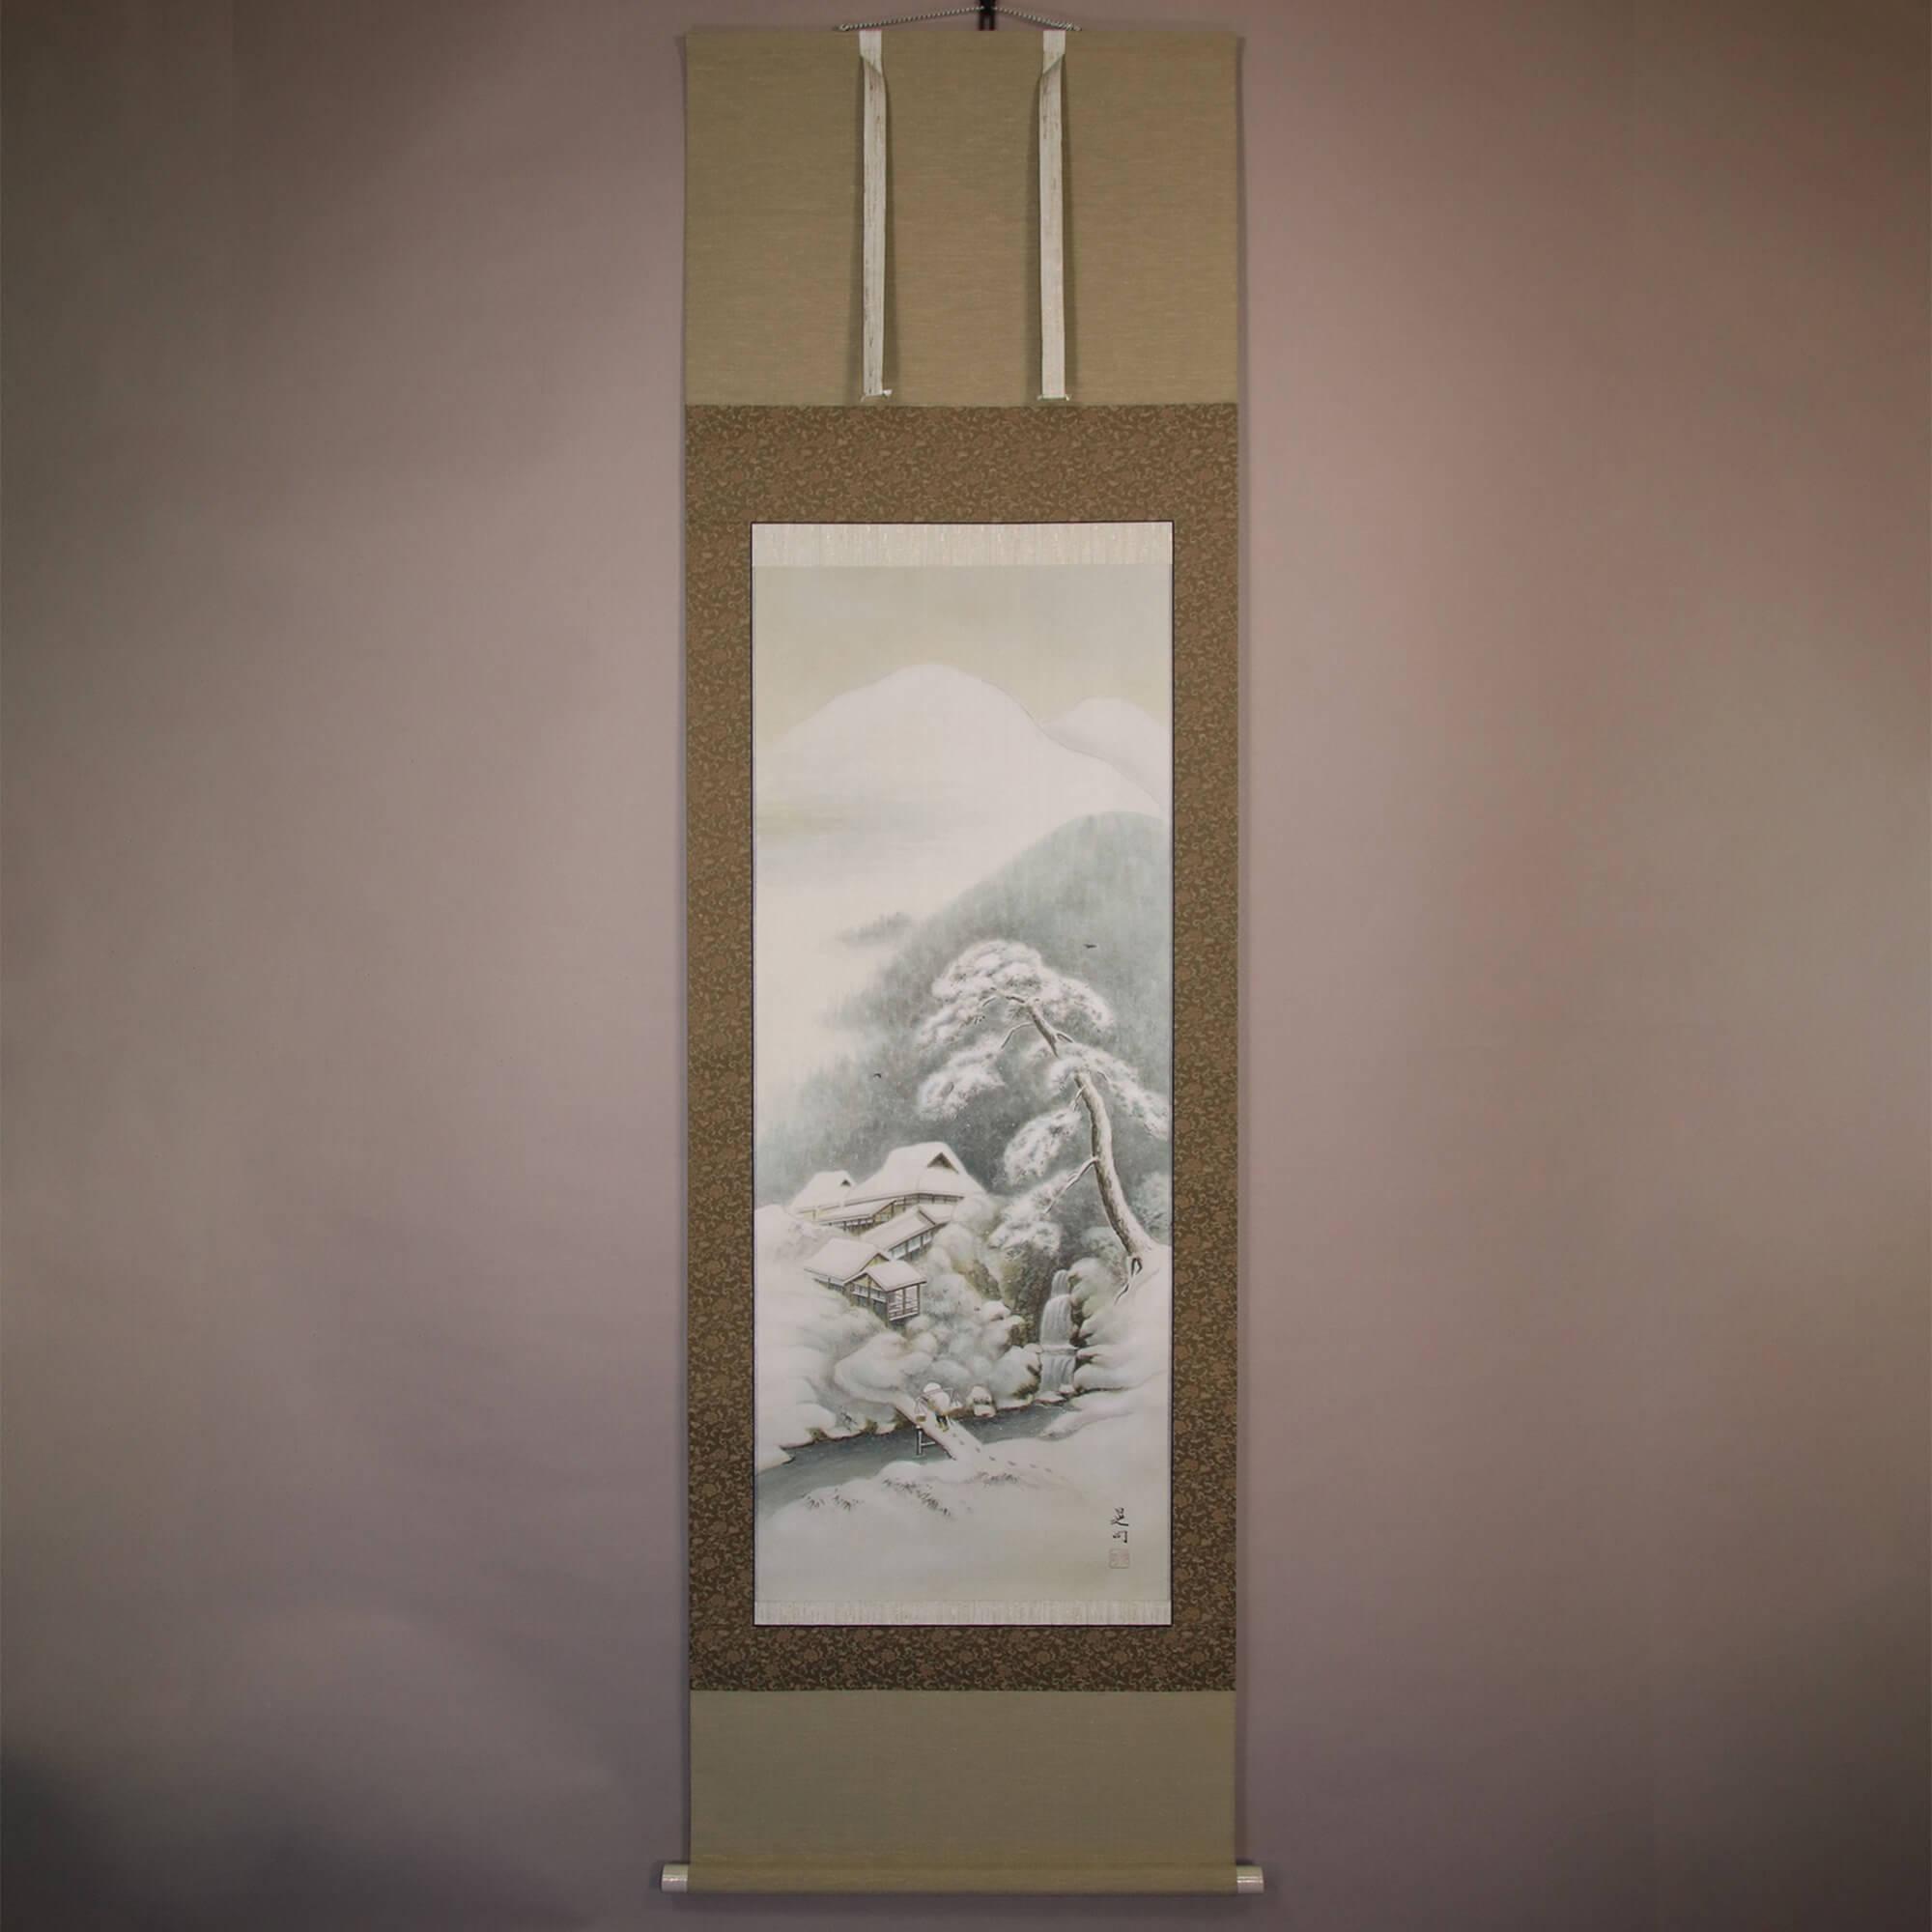 Silence / Nonaka Kōji